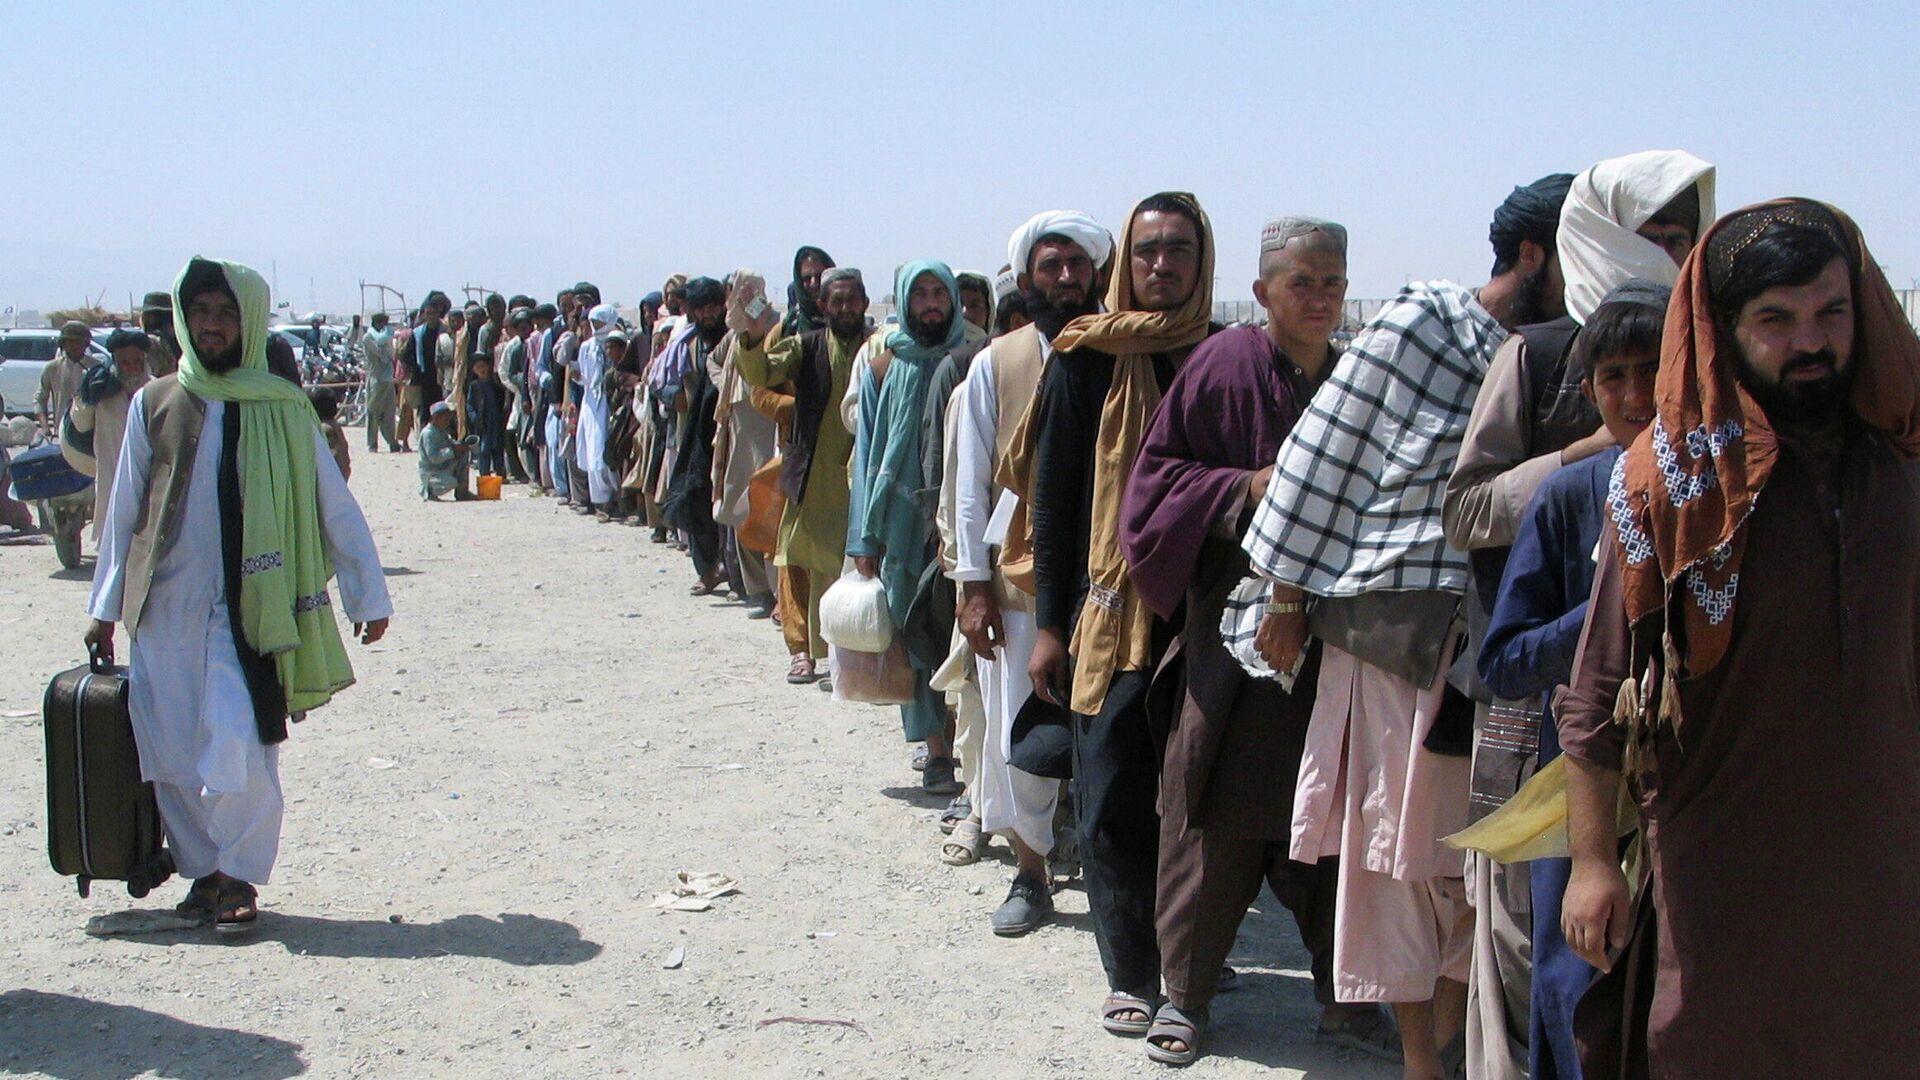 La gente trata de cruzar la frontera entre Afganistán y Pakistán  - Sputnik Mundo, 1920, 27.08.2021